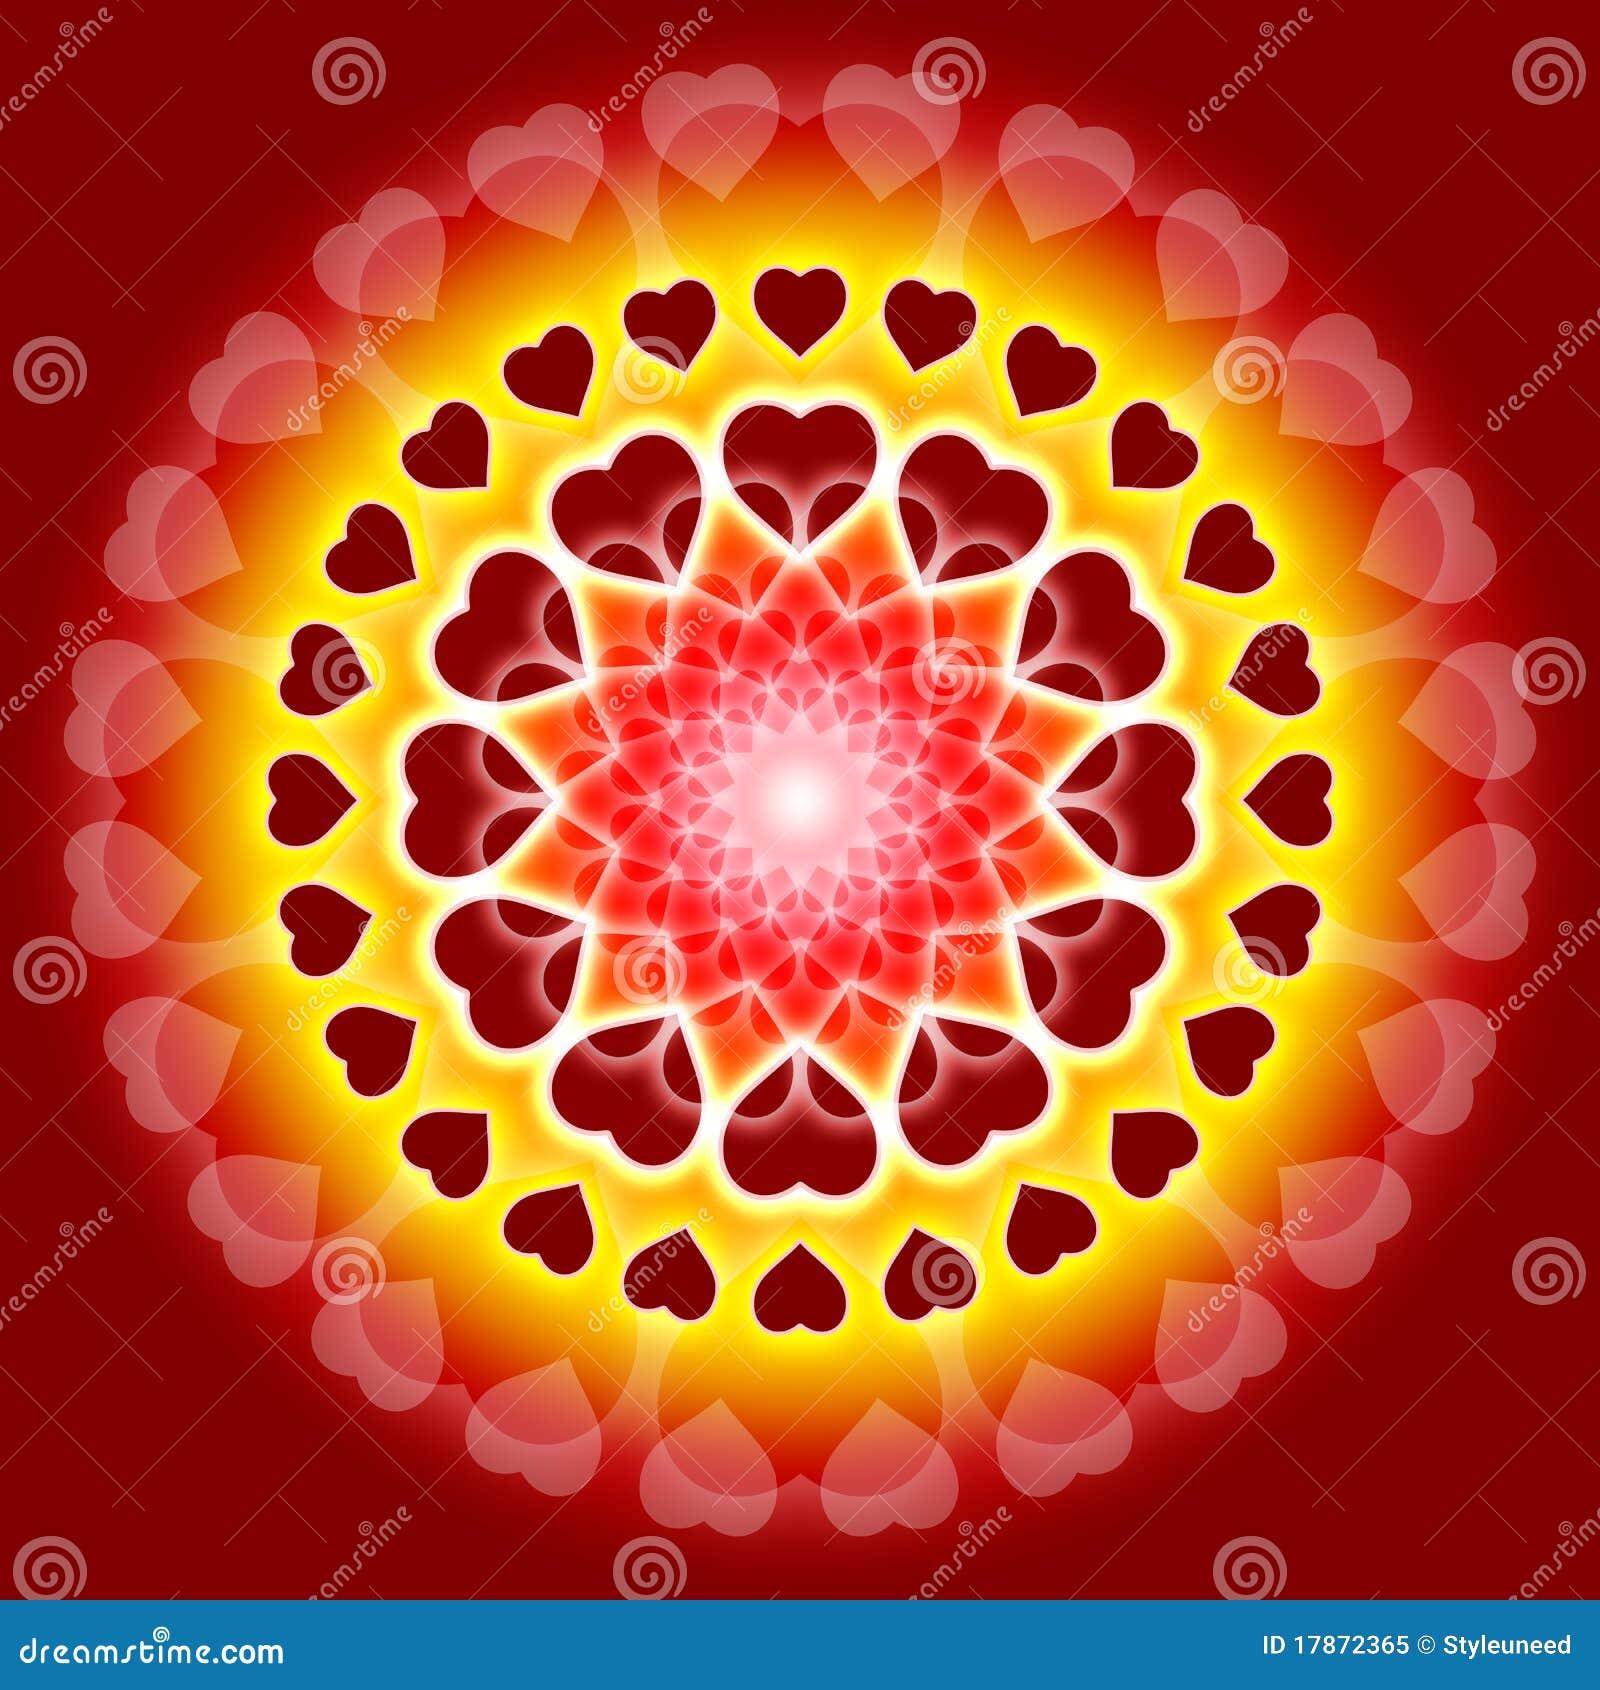 Mandala Globale Di Amore Siamo Una Illustrazione Di Stock